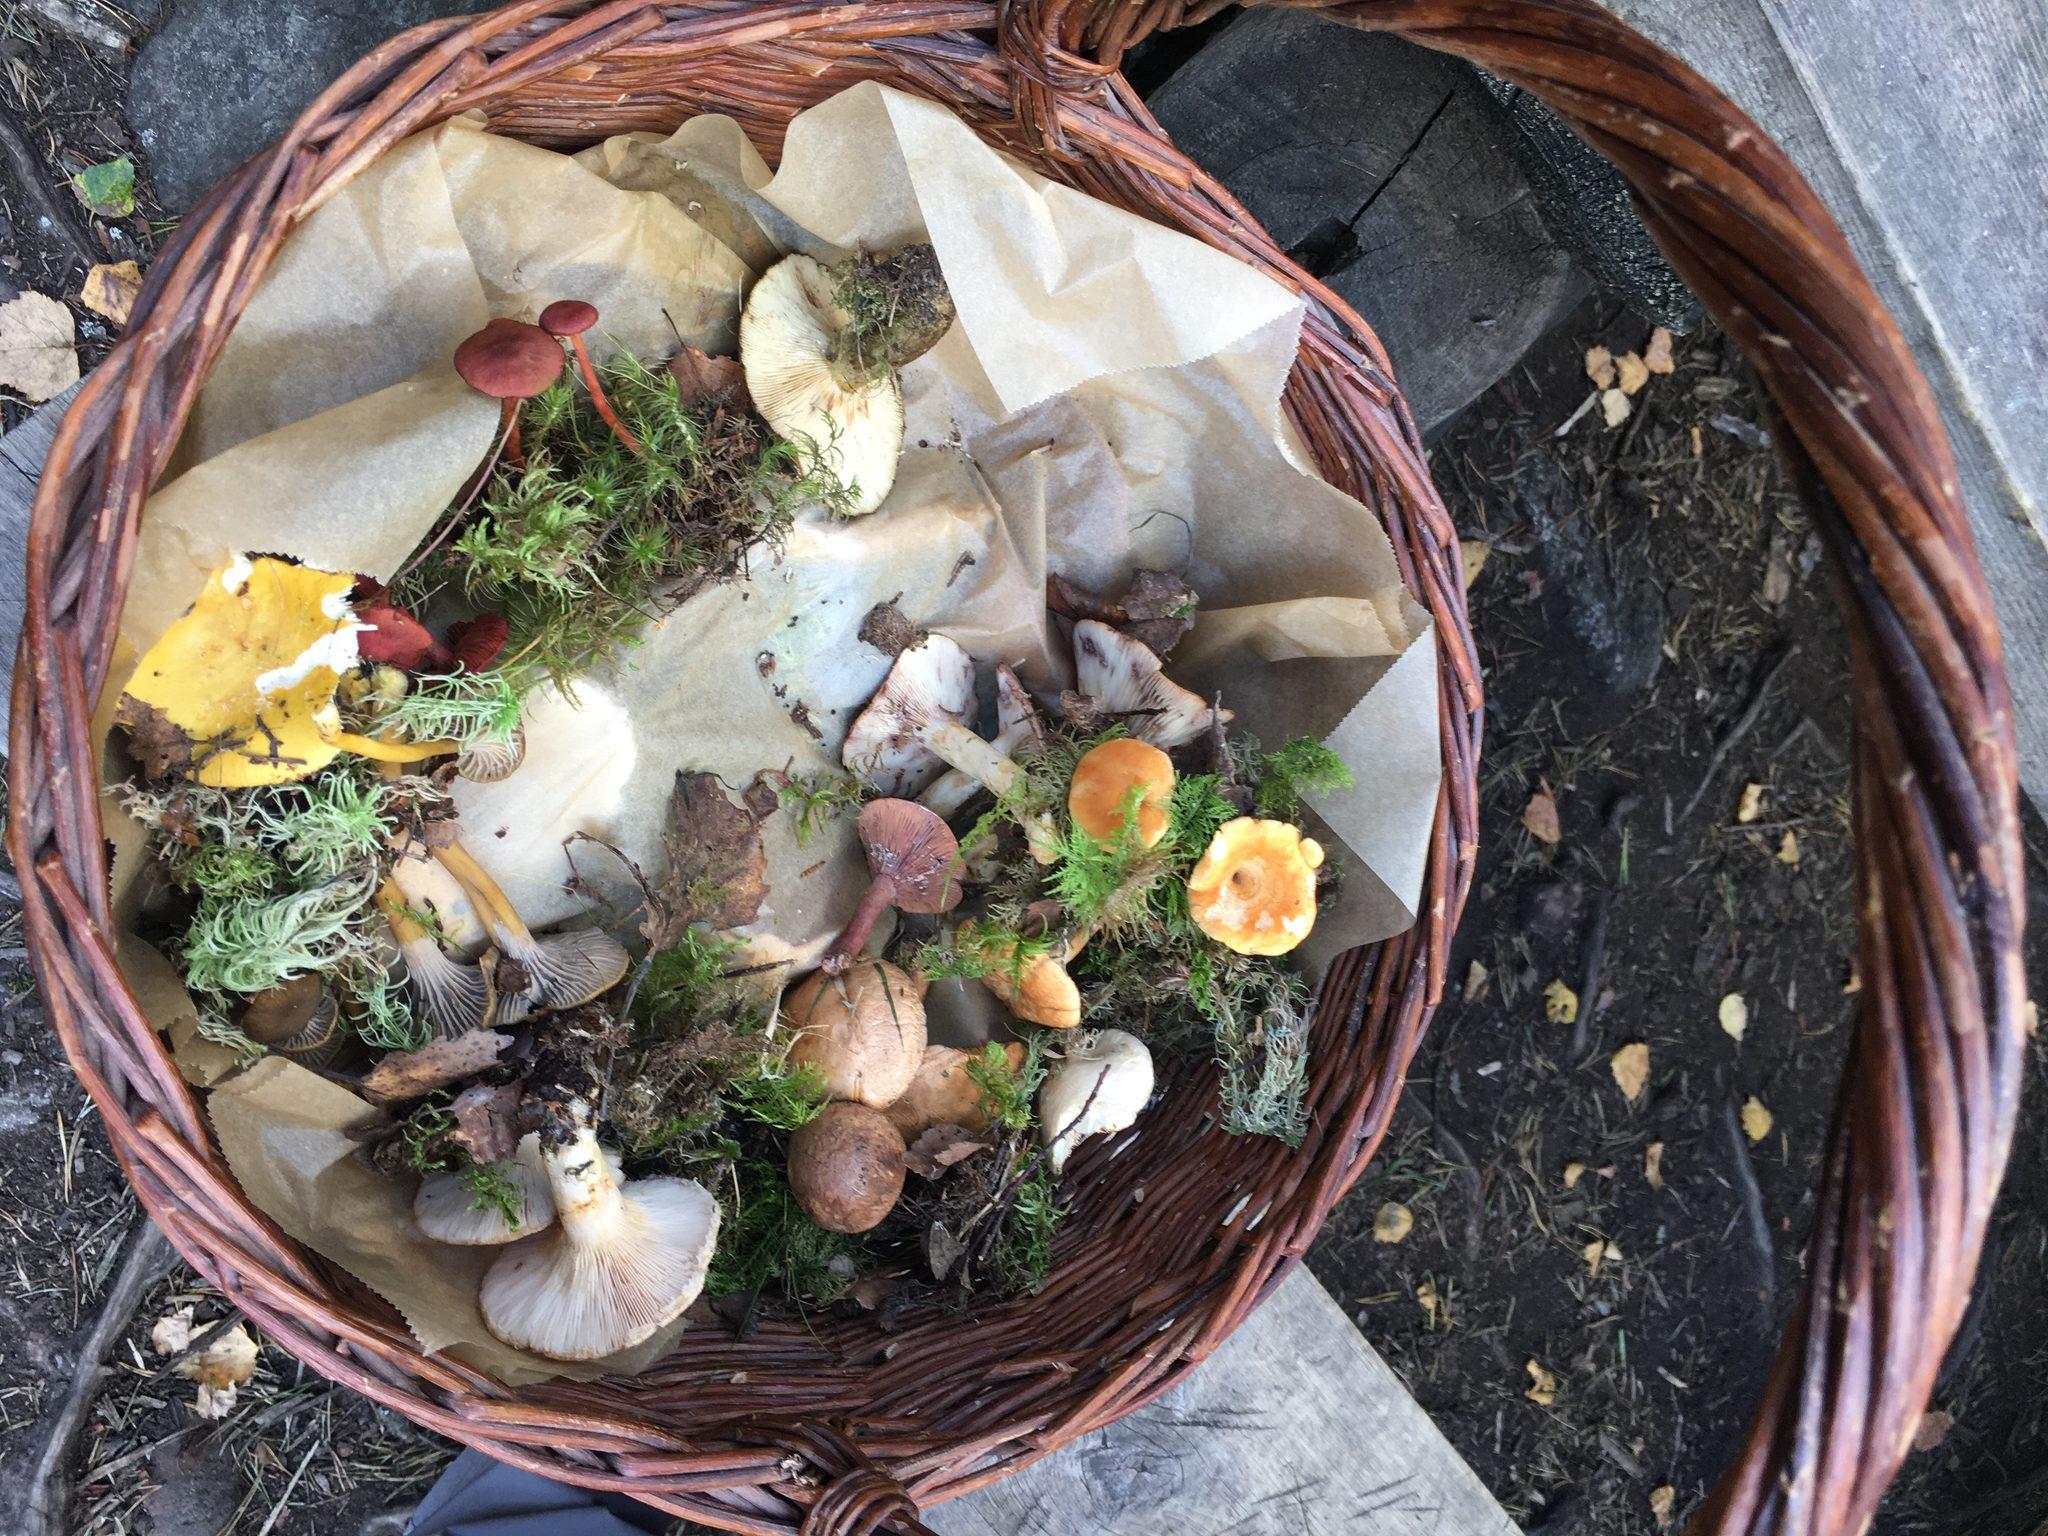 Mushroom Tour in Hämeenlinna